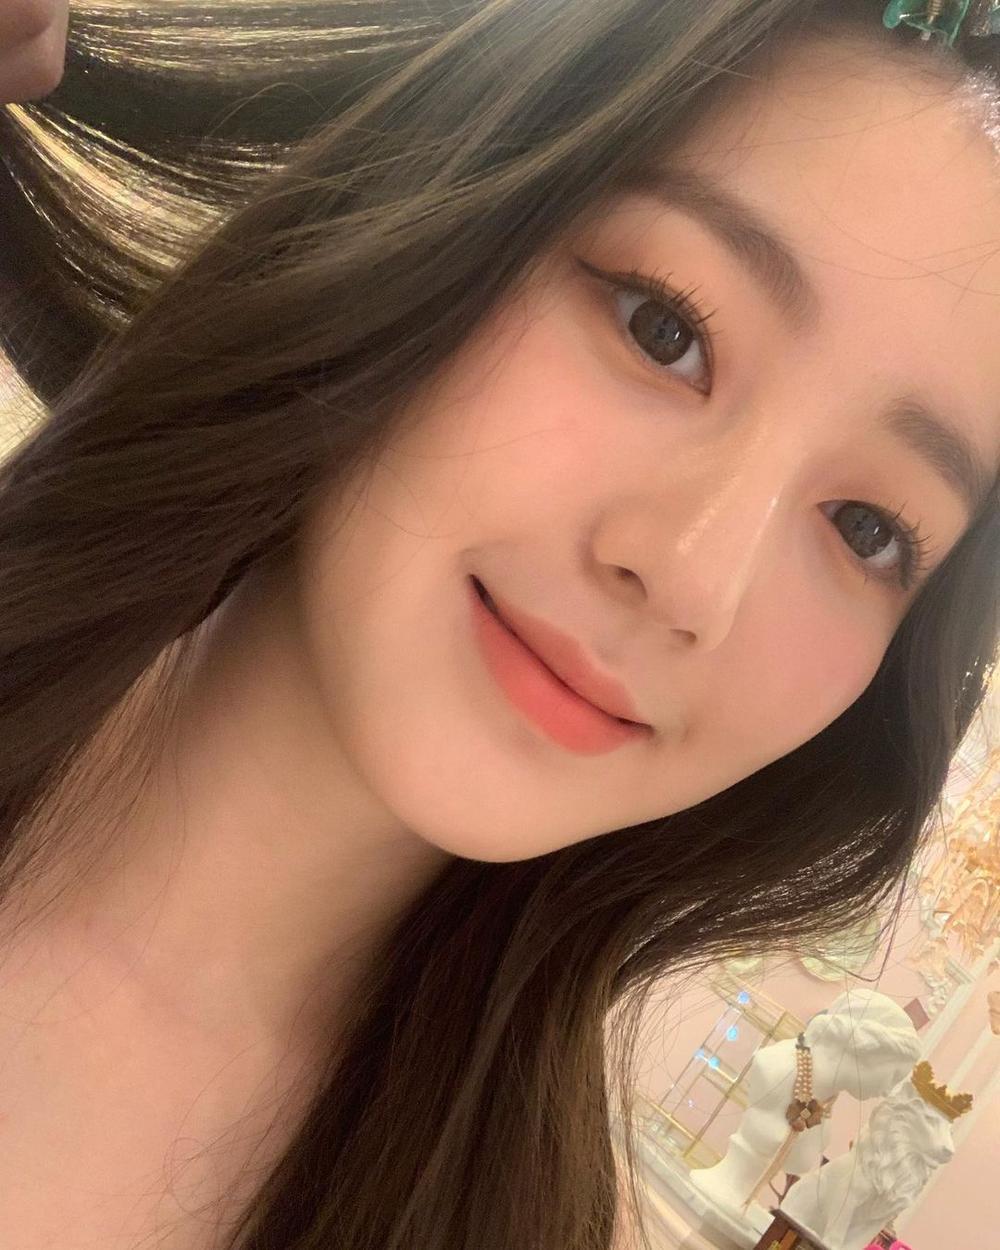 Á hậu 'chặt đẹp' nhan sắc Tân Hoa hậu Hàn Quốc 2020: Người tựa nàng thơ, kẻ như 'quái vật thẩm mỹ' Ảnh 10